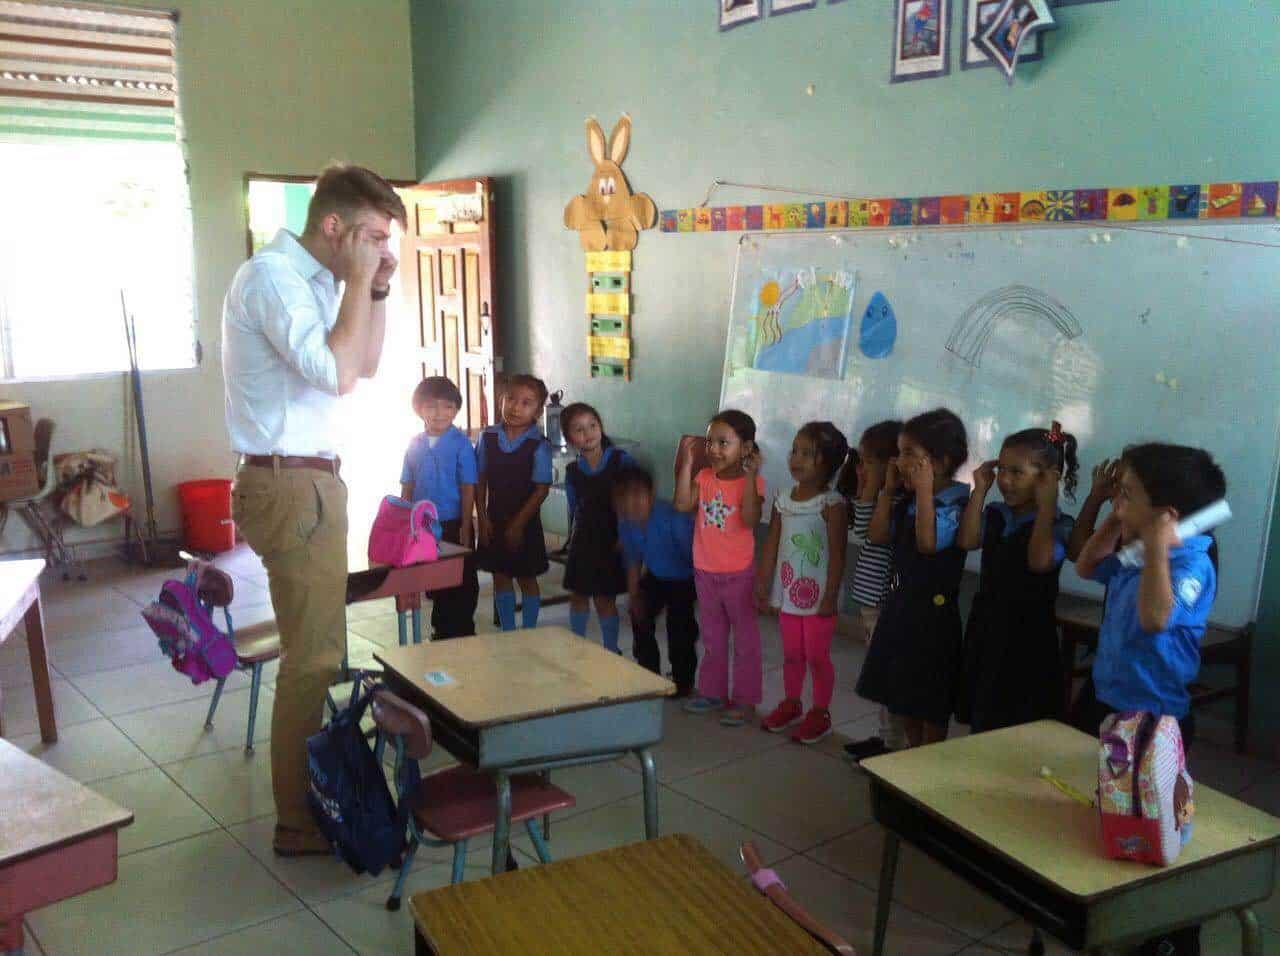 Ben in the classroom